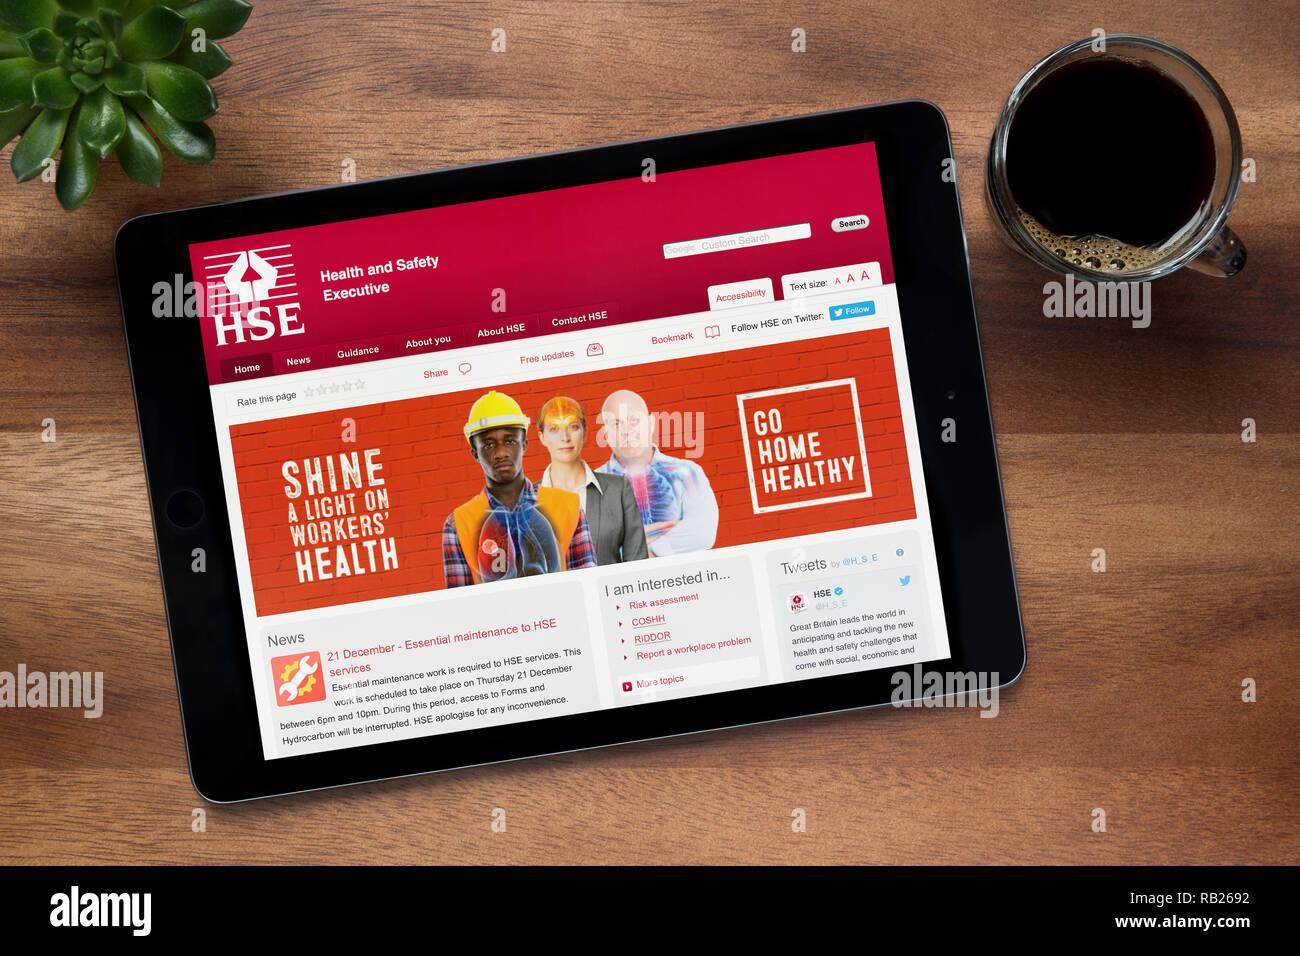 Il sito web di HSE (Comitato esecutivo per la salute e la sicurezza) è visto su un tablet iPad, su di un tavolo di legno (solo uso editoriale). Immagini Stock